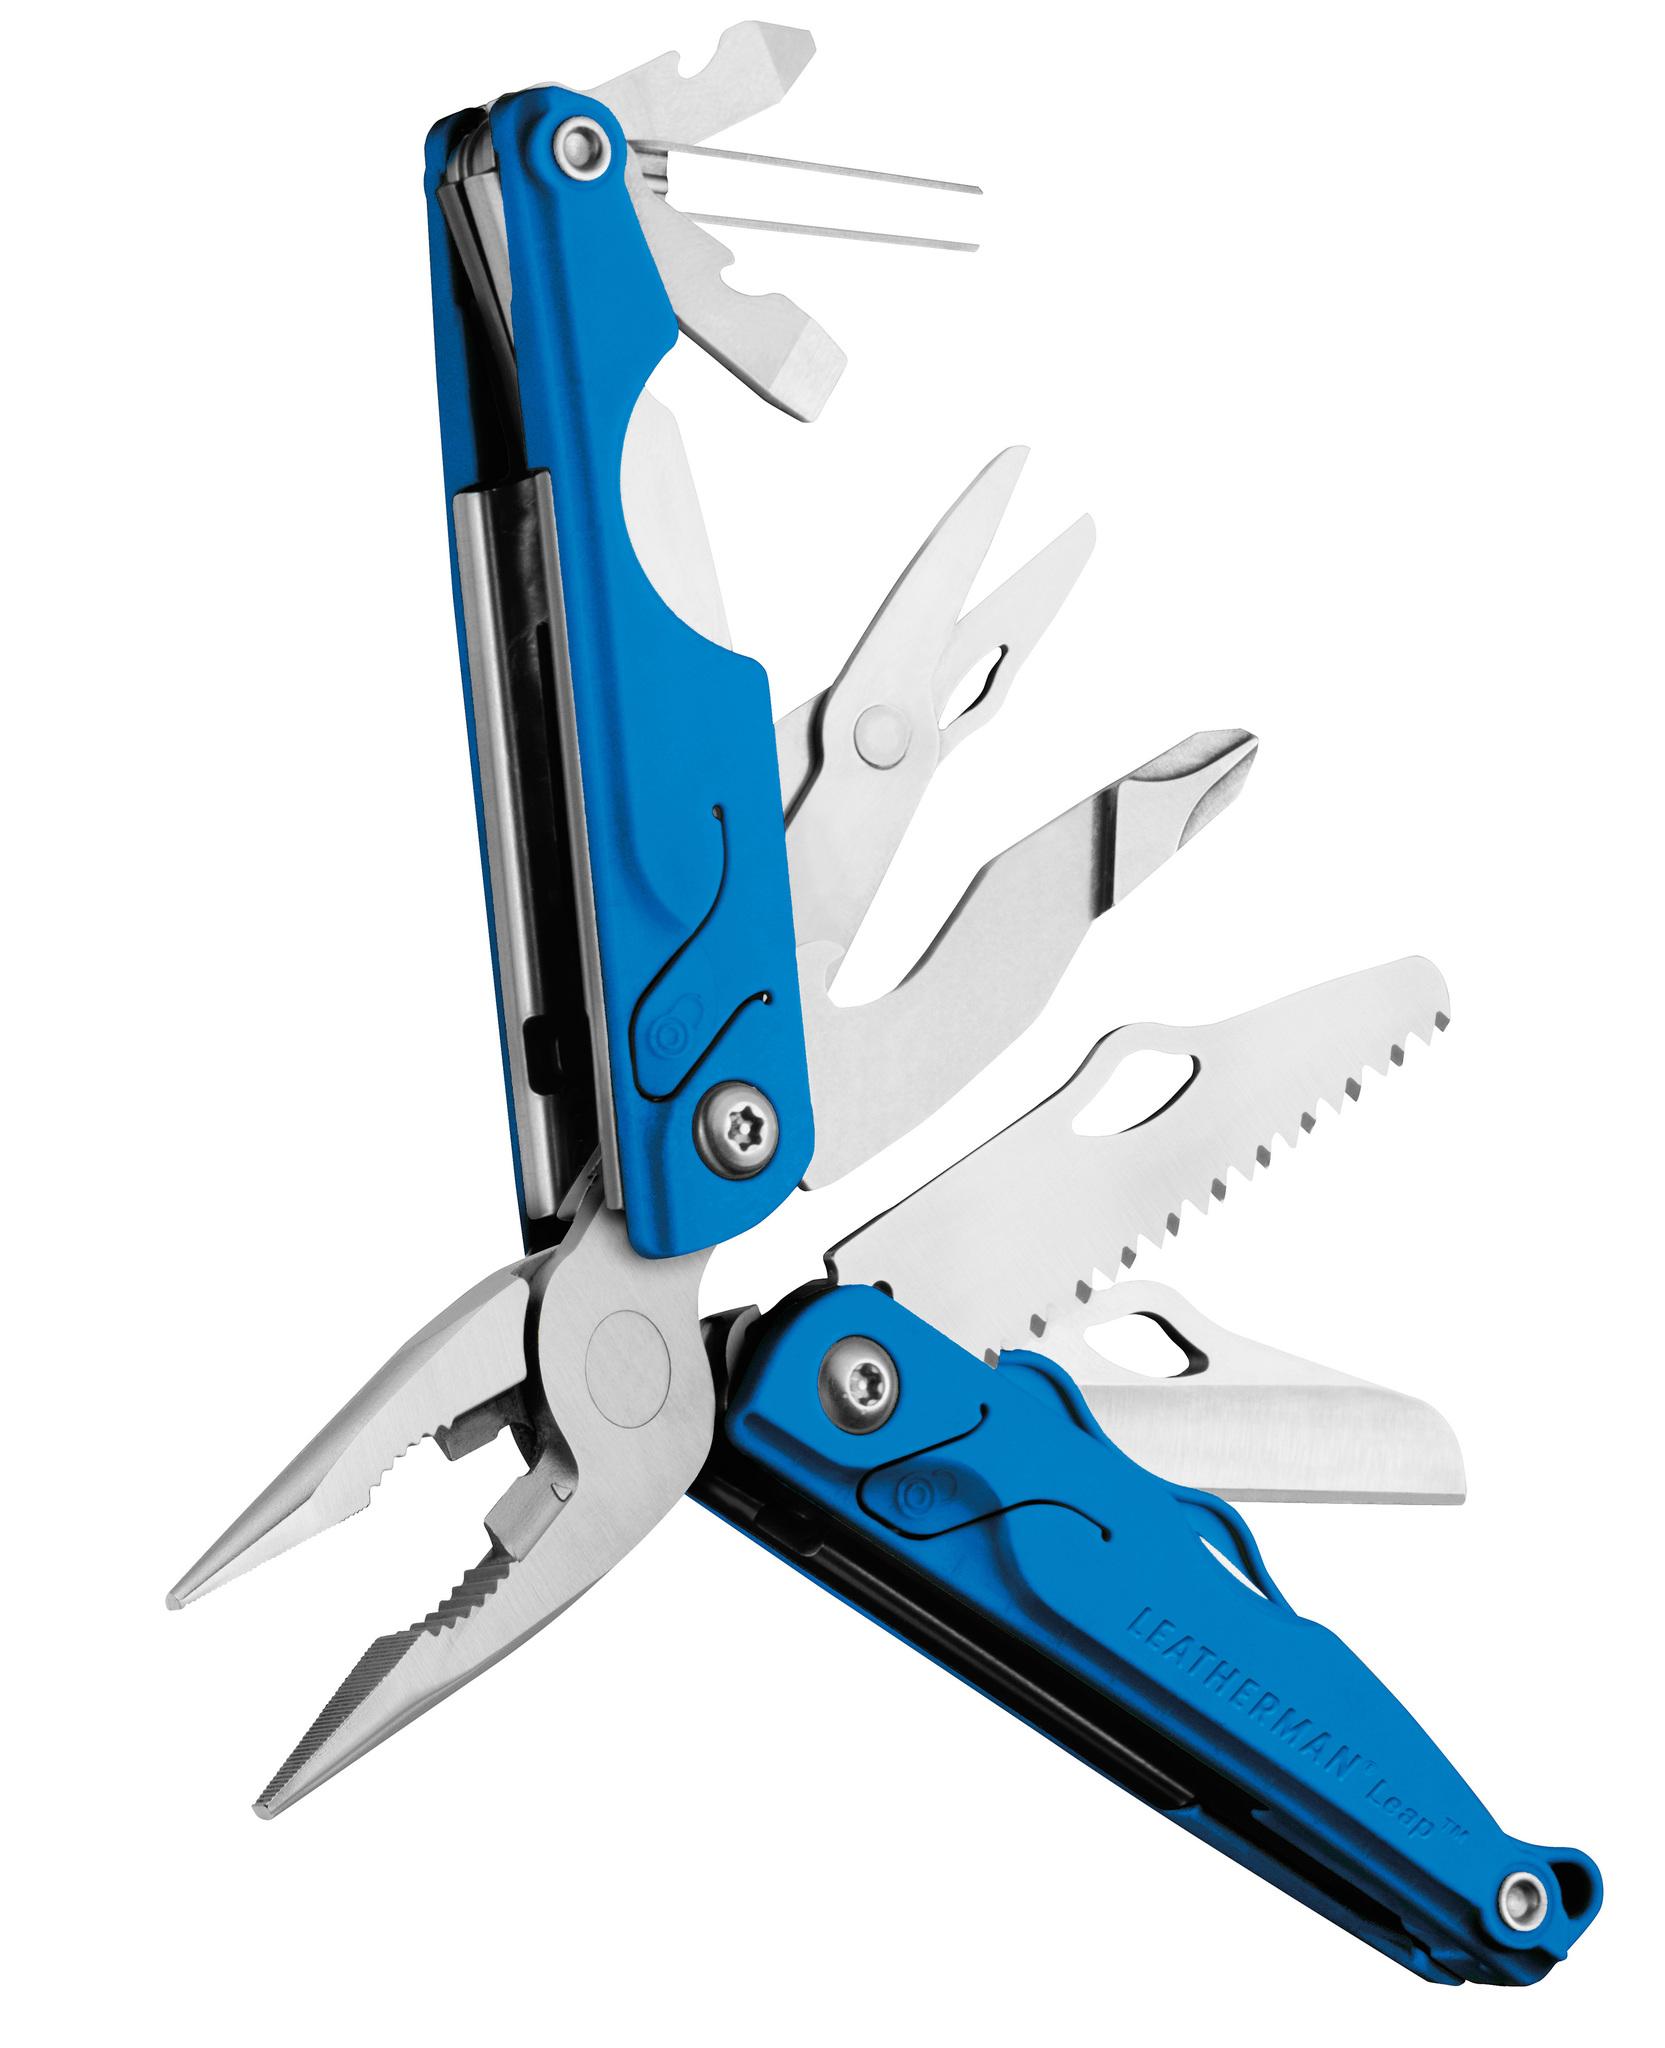 Мультитул Leatherman Leap, 12 функций, синий